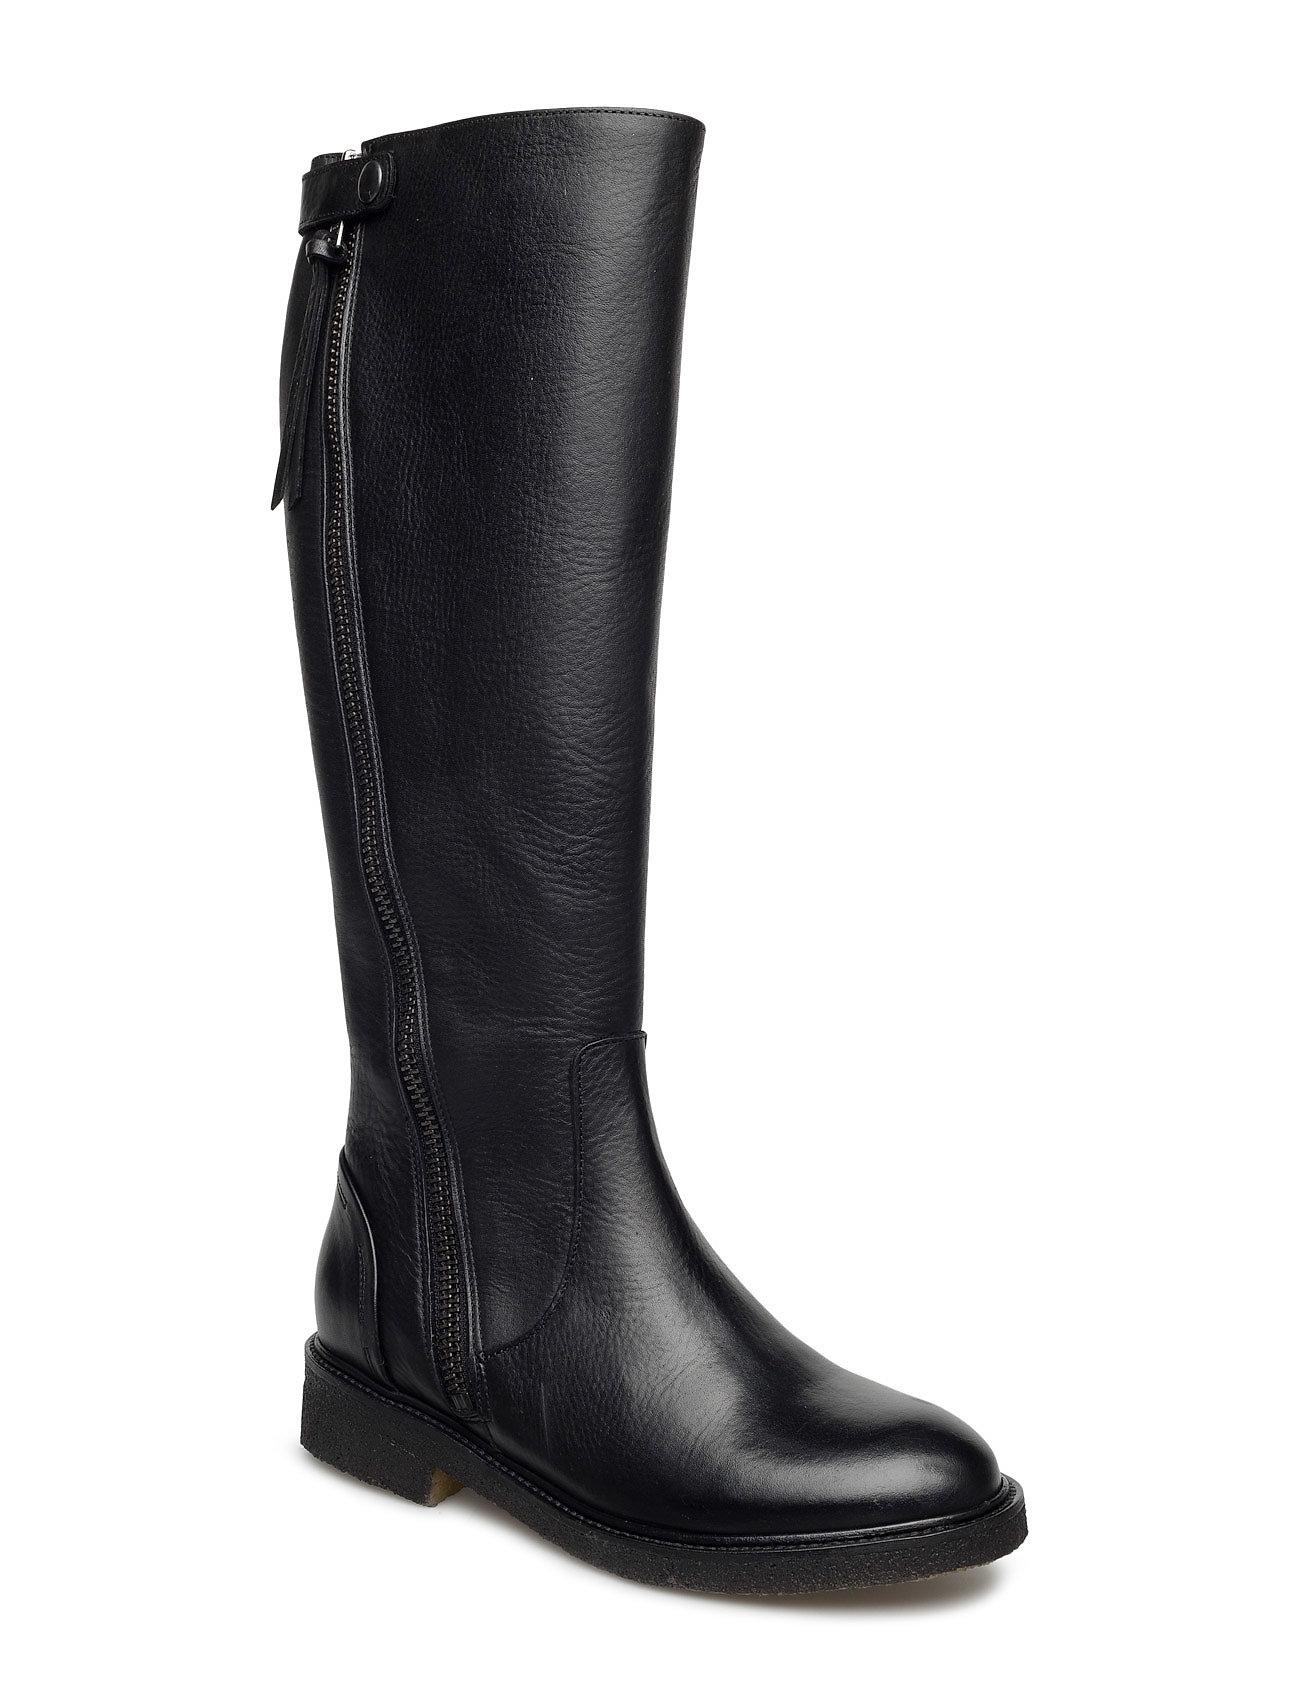 5e03dd8c6c2 Boots (Black Tomcat 80) (187.85 €) - Billi Bi - | Boozt.com